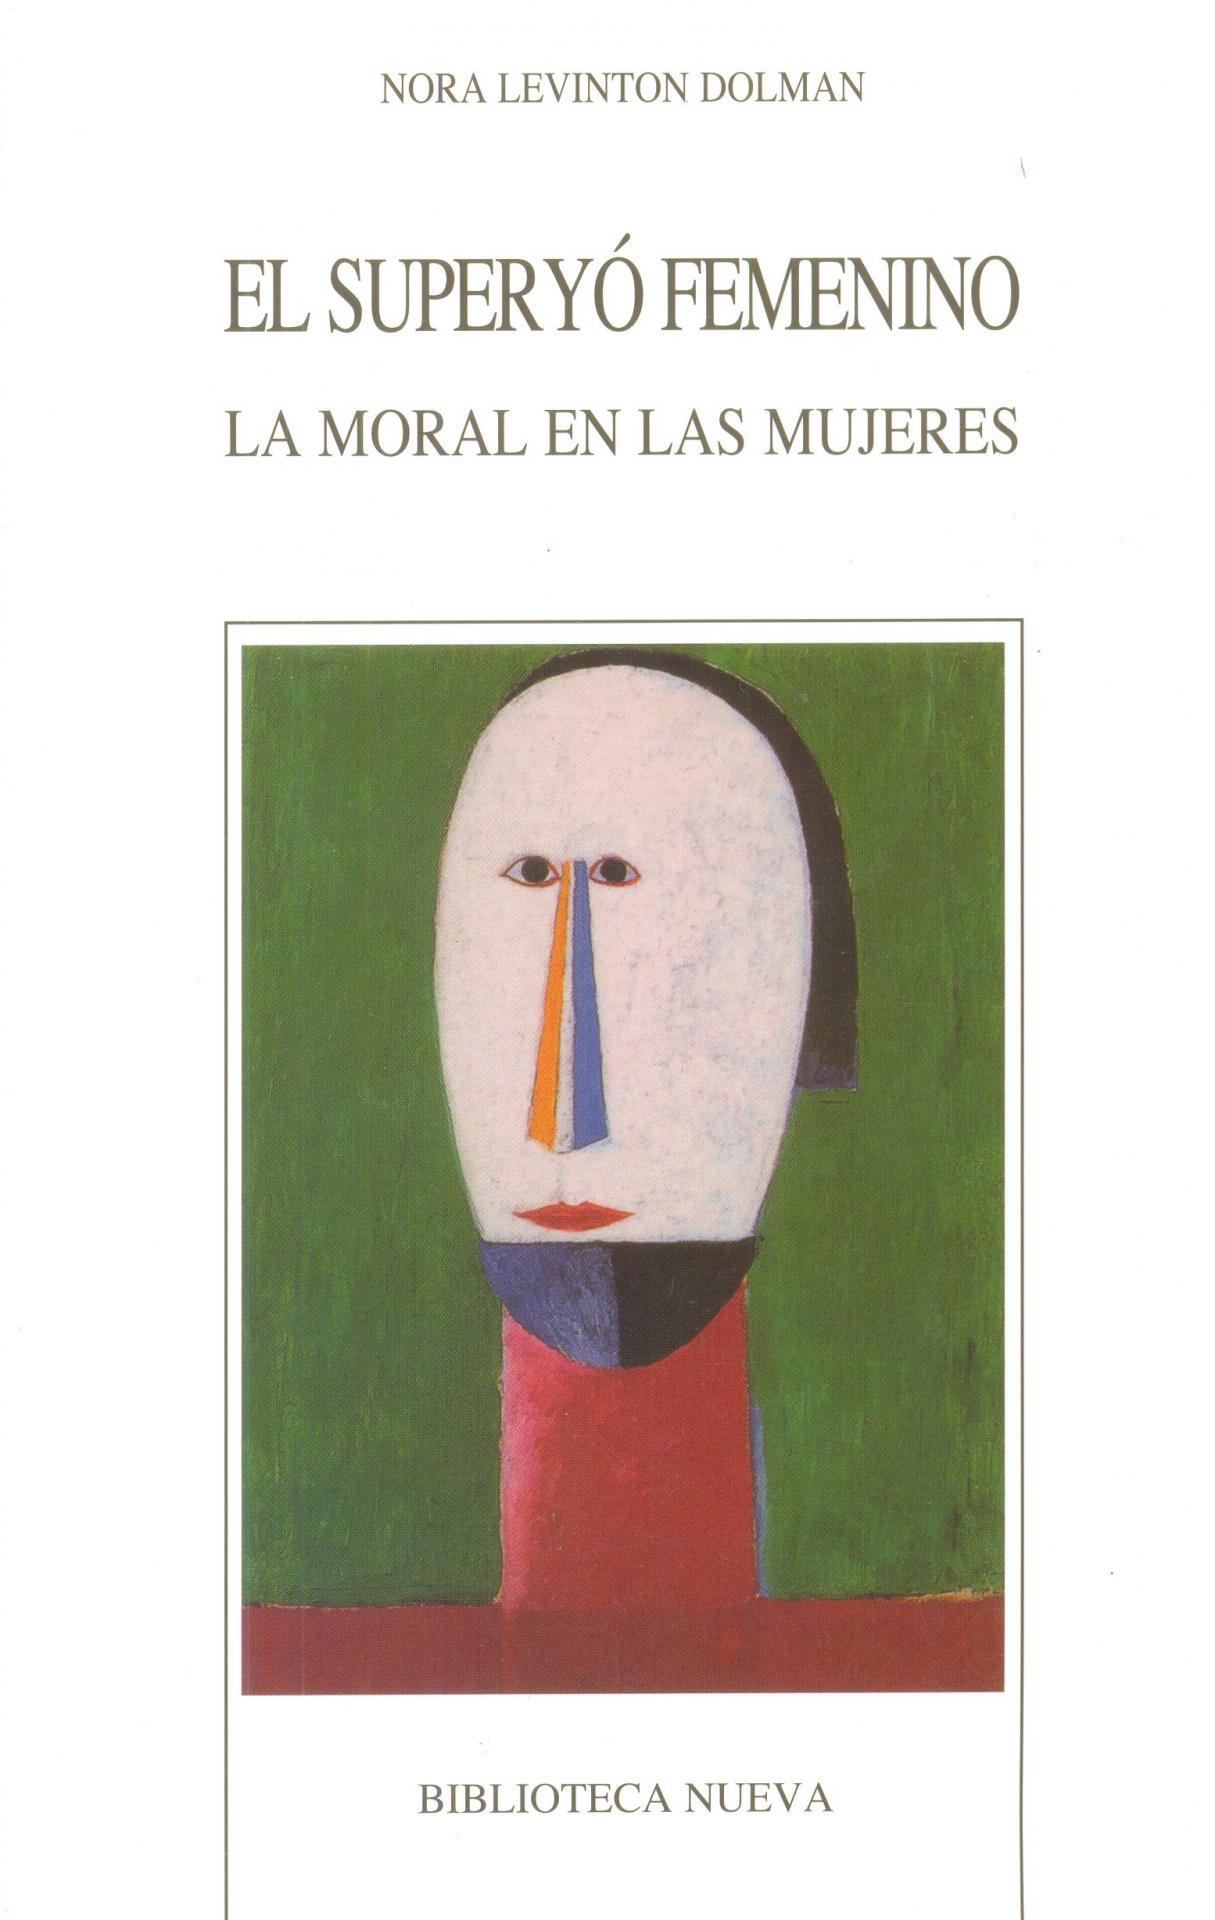 EL SUPERYÓ FEMENINO. La moral en las mujeres. Levinton, N.